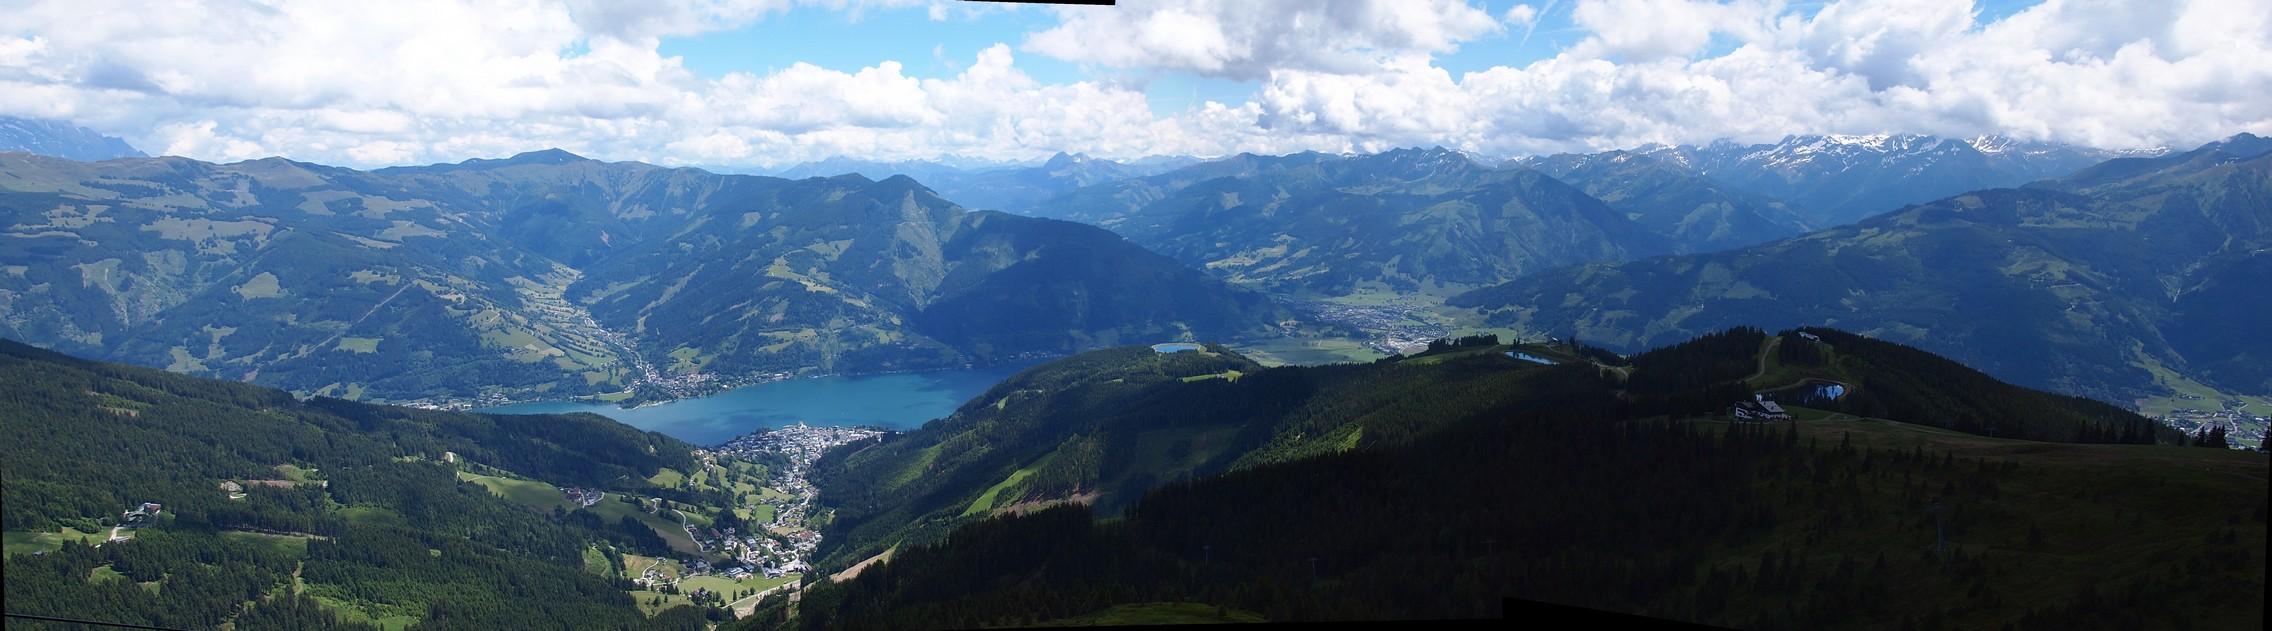 P6106537 Panorama.jpg